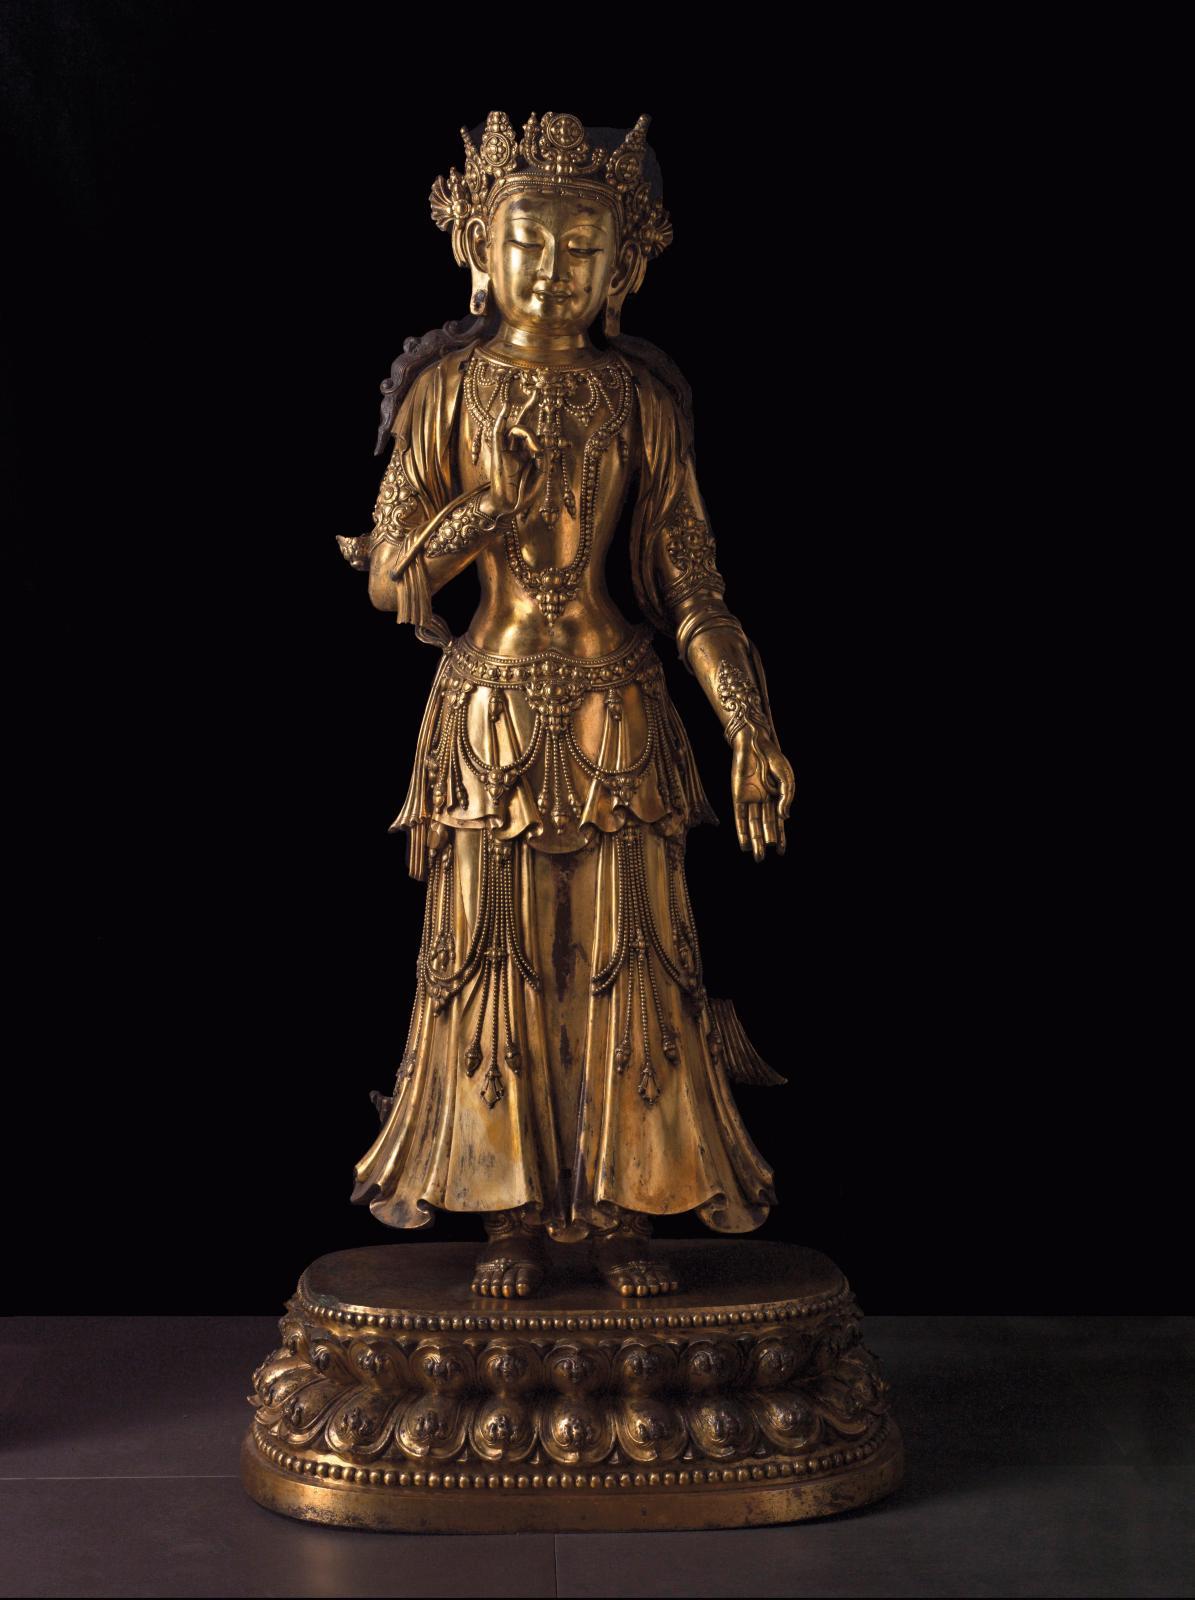 Boddhisattva, bronze doréde la dynastie Ming,règne de l'empereur Yongle (1360-1424). ©Paris Musées/Musée Cernuschi